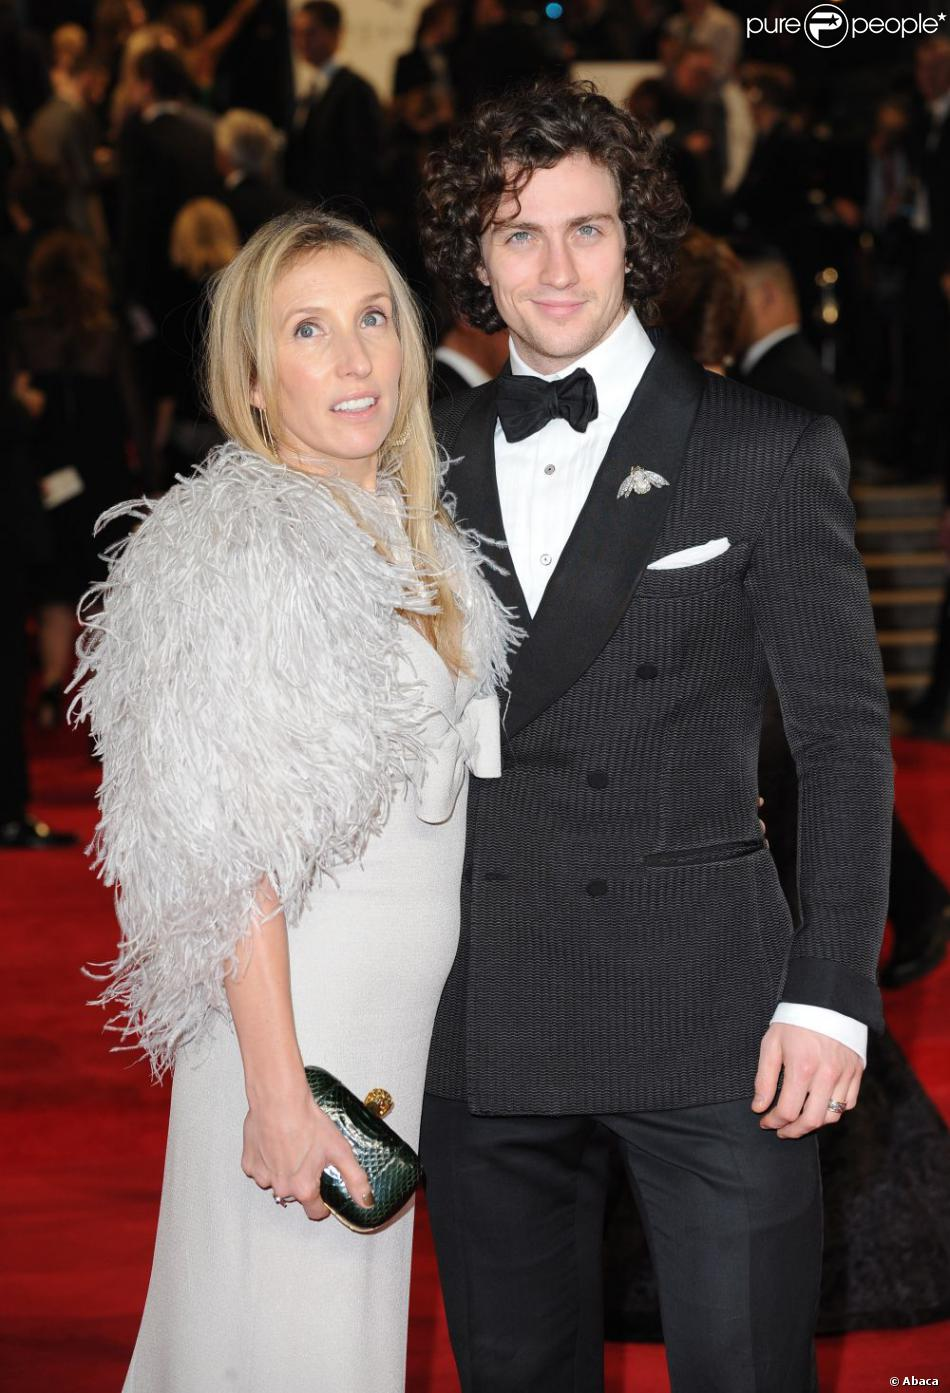 Aaron Johnson et sa femme Sam Taylor-Wood à la première de Skyfall  à Londres le 23 octobre 2012.